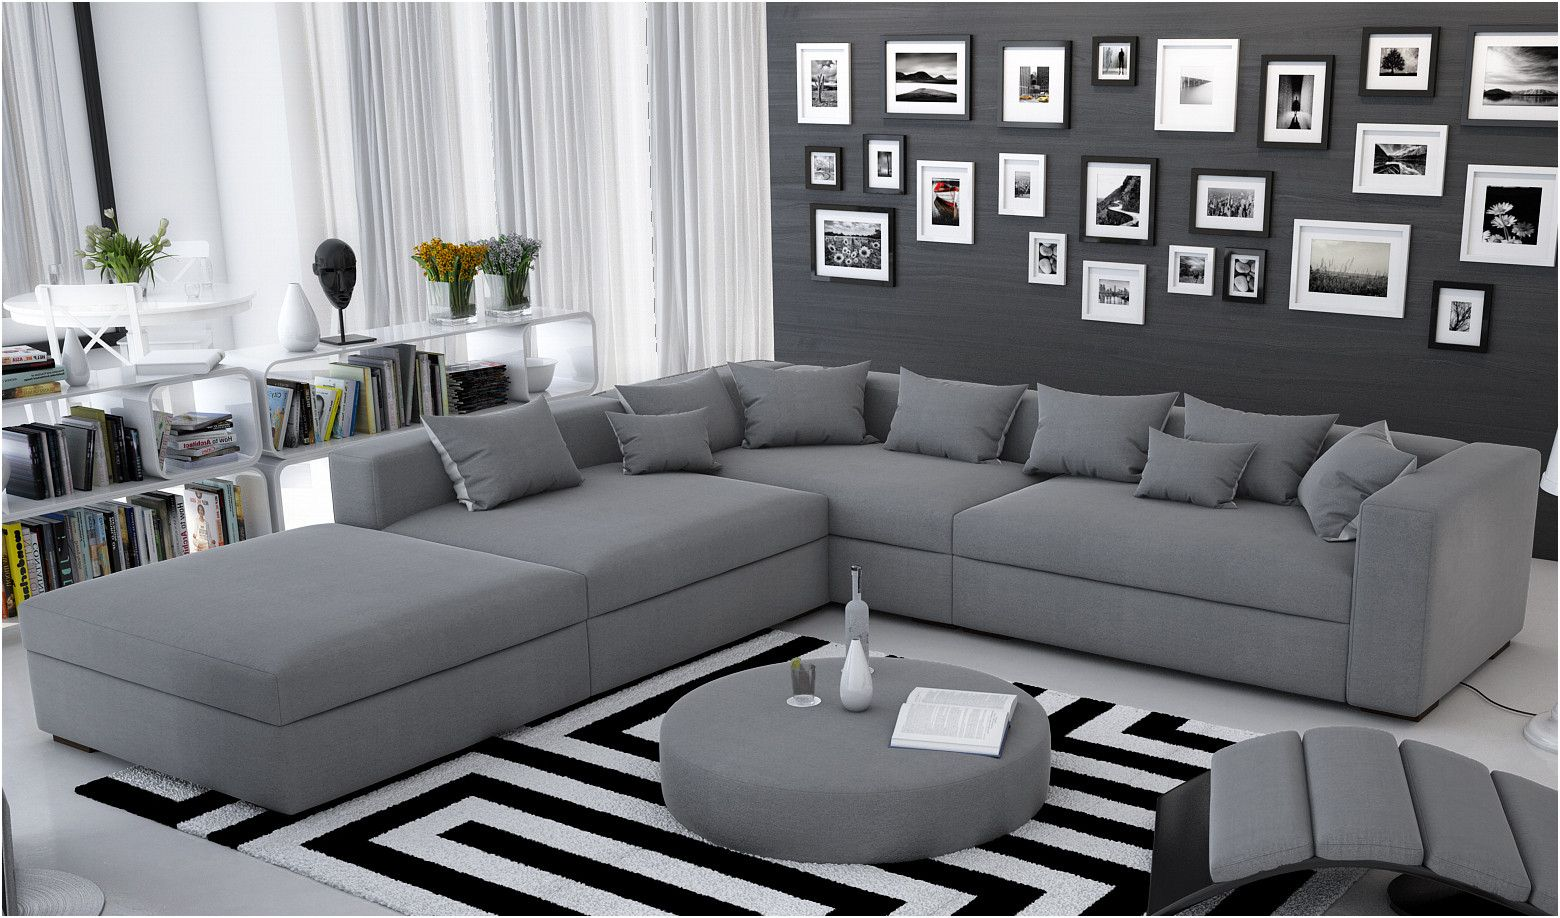 Bescheiden sofa Grau Holzfüße